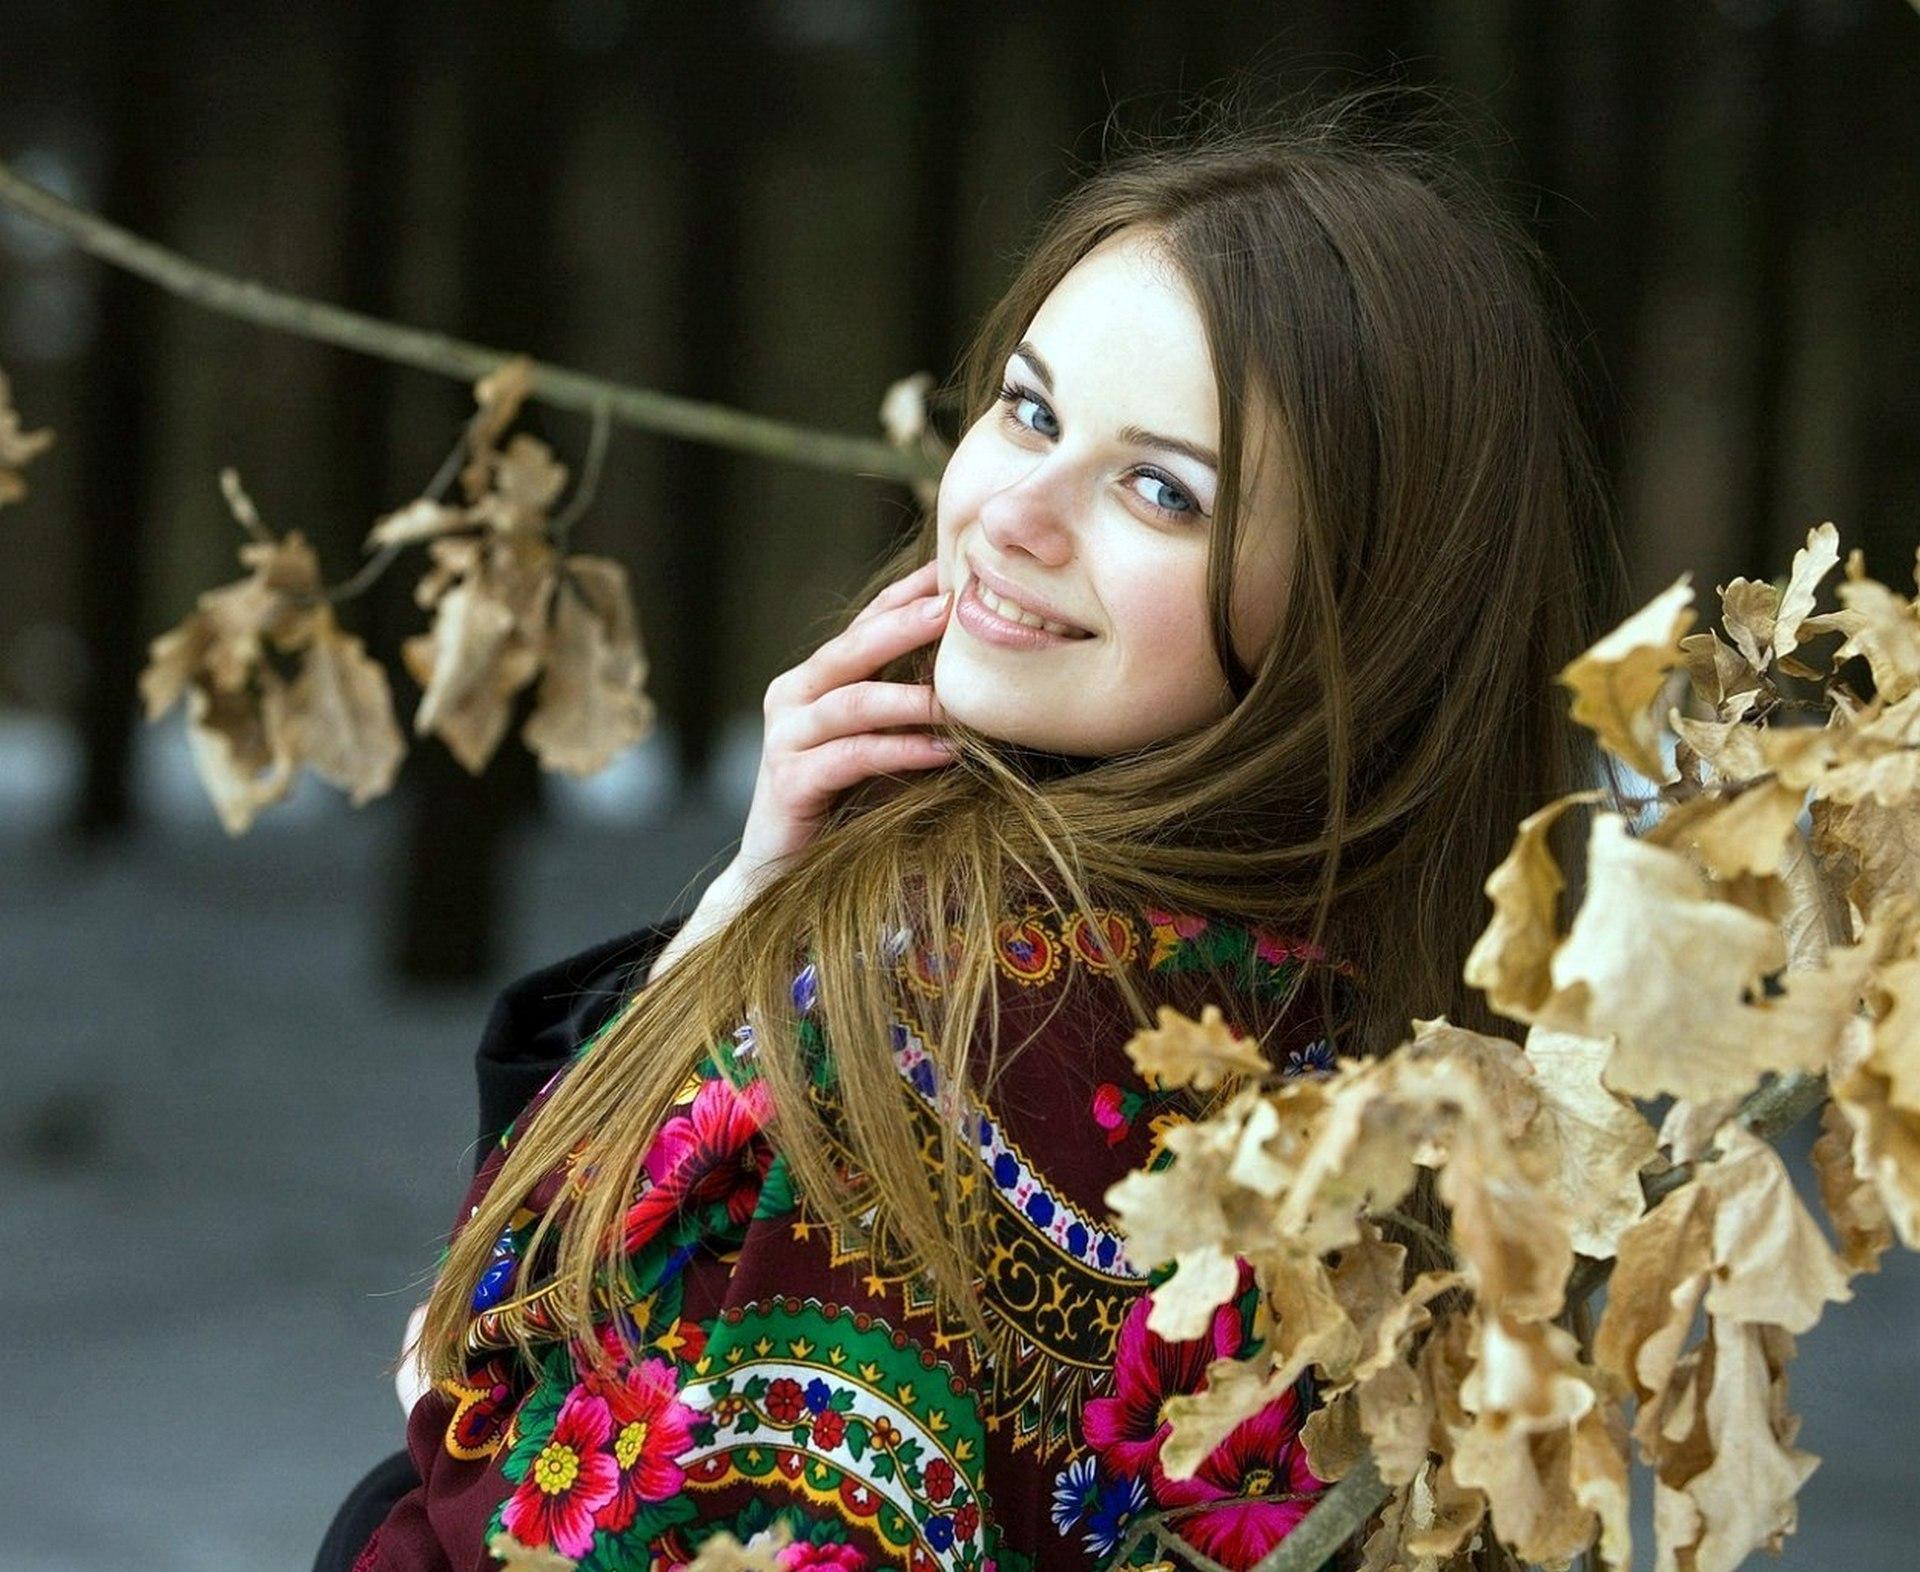 самом славянские девушки самые красивые вещи помывшись